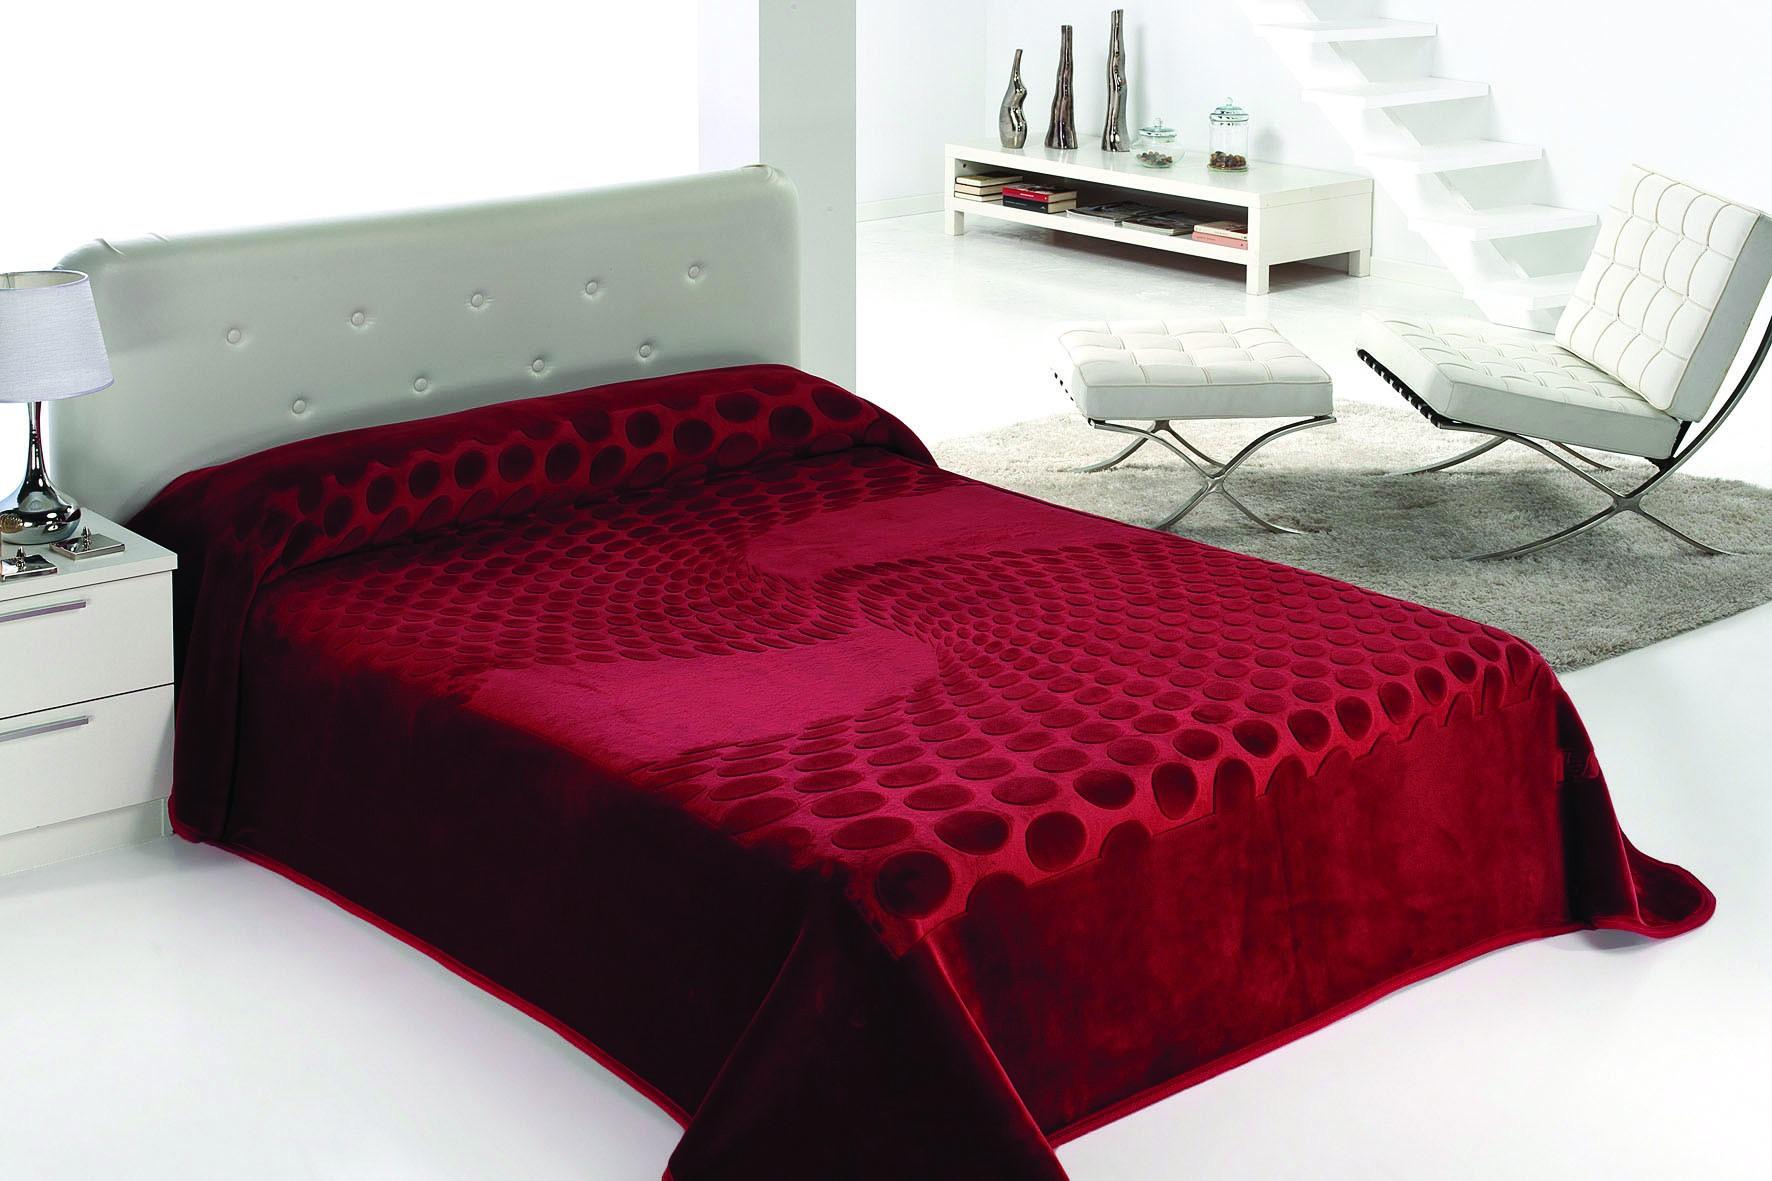 Κουβέρτα Βελουτέ King Size Morven Serena 413 Μπορντώ home   κρεβατοκάμαρα   κουβέρτες   κουβέρτες βελουτέ υπέρδιπλες